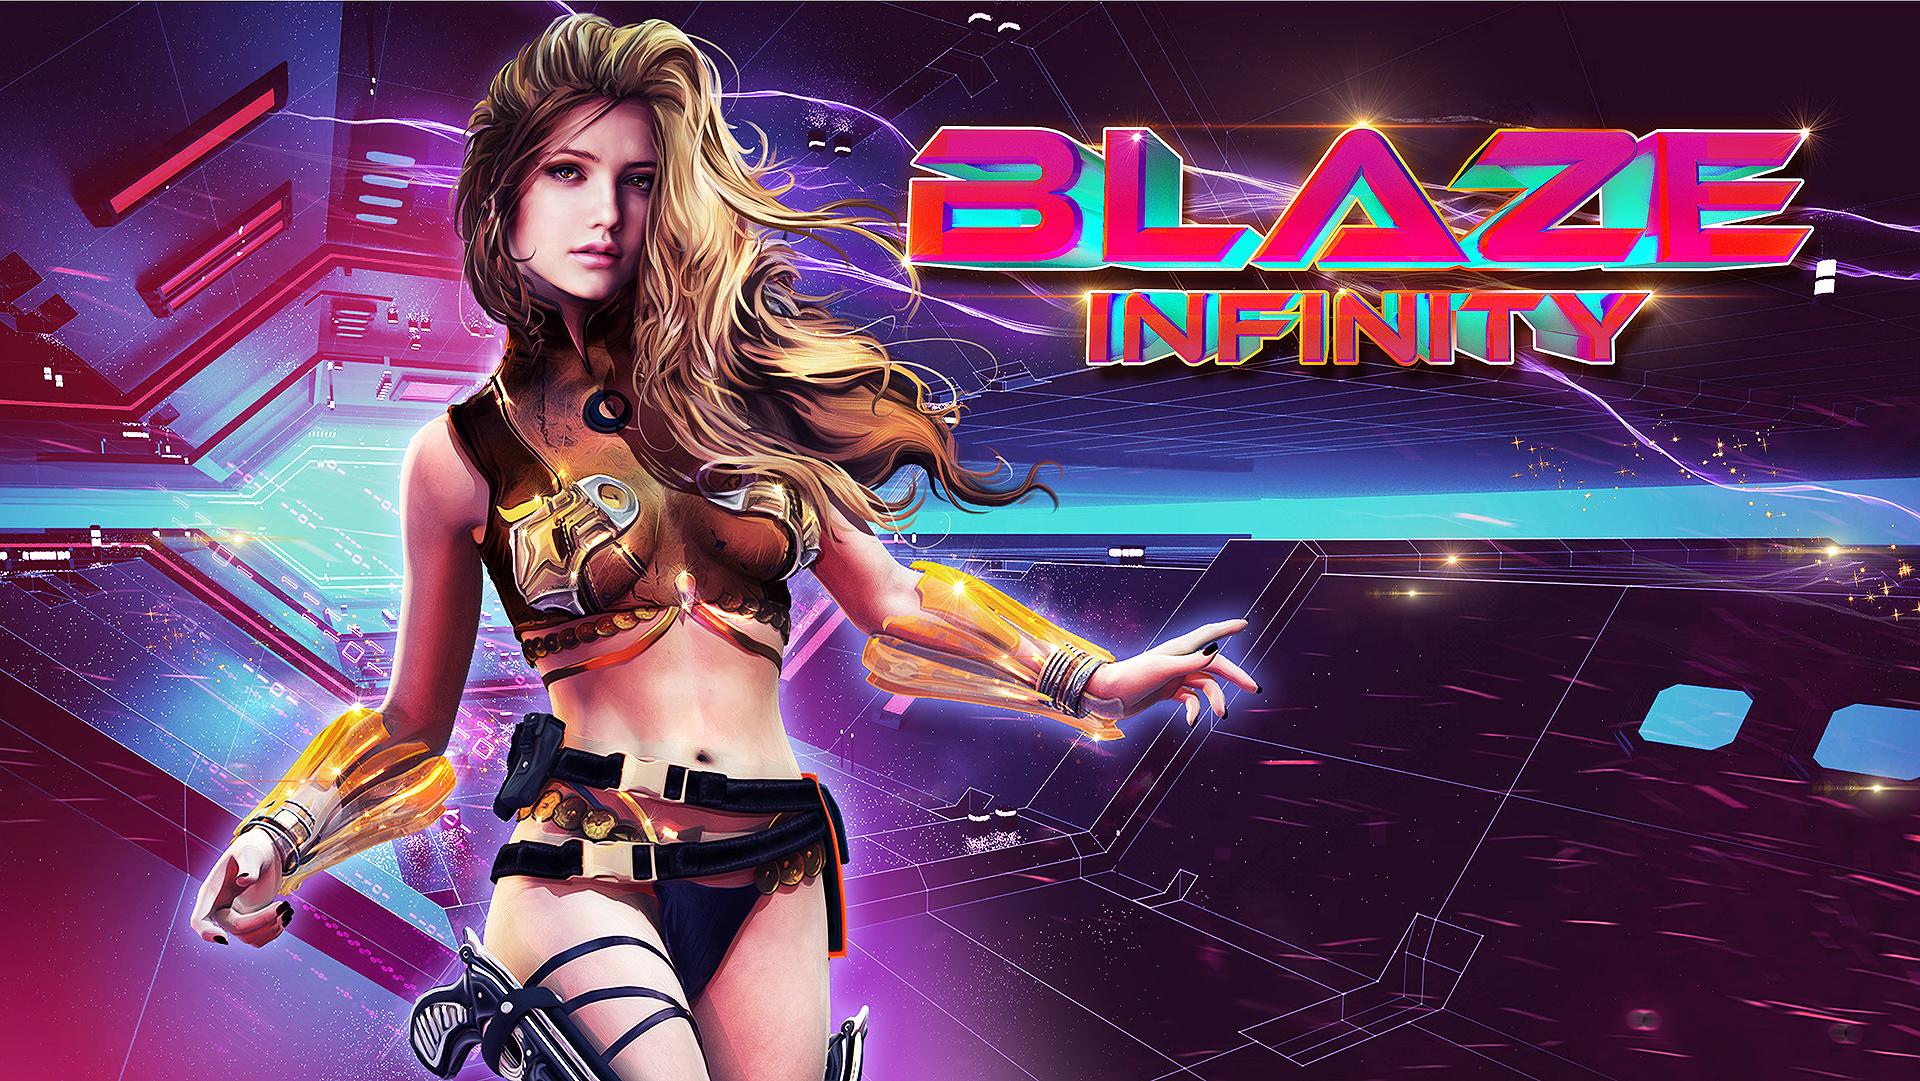 blaze-character-purple-astra-games-yayashin